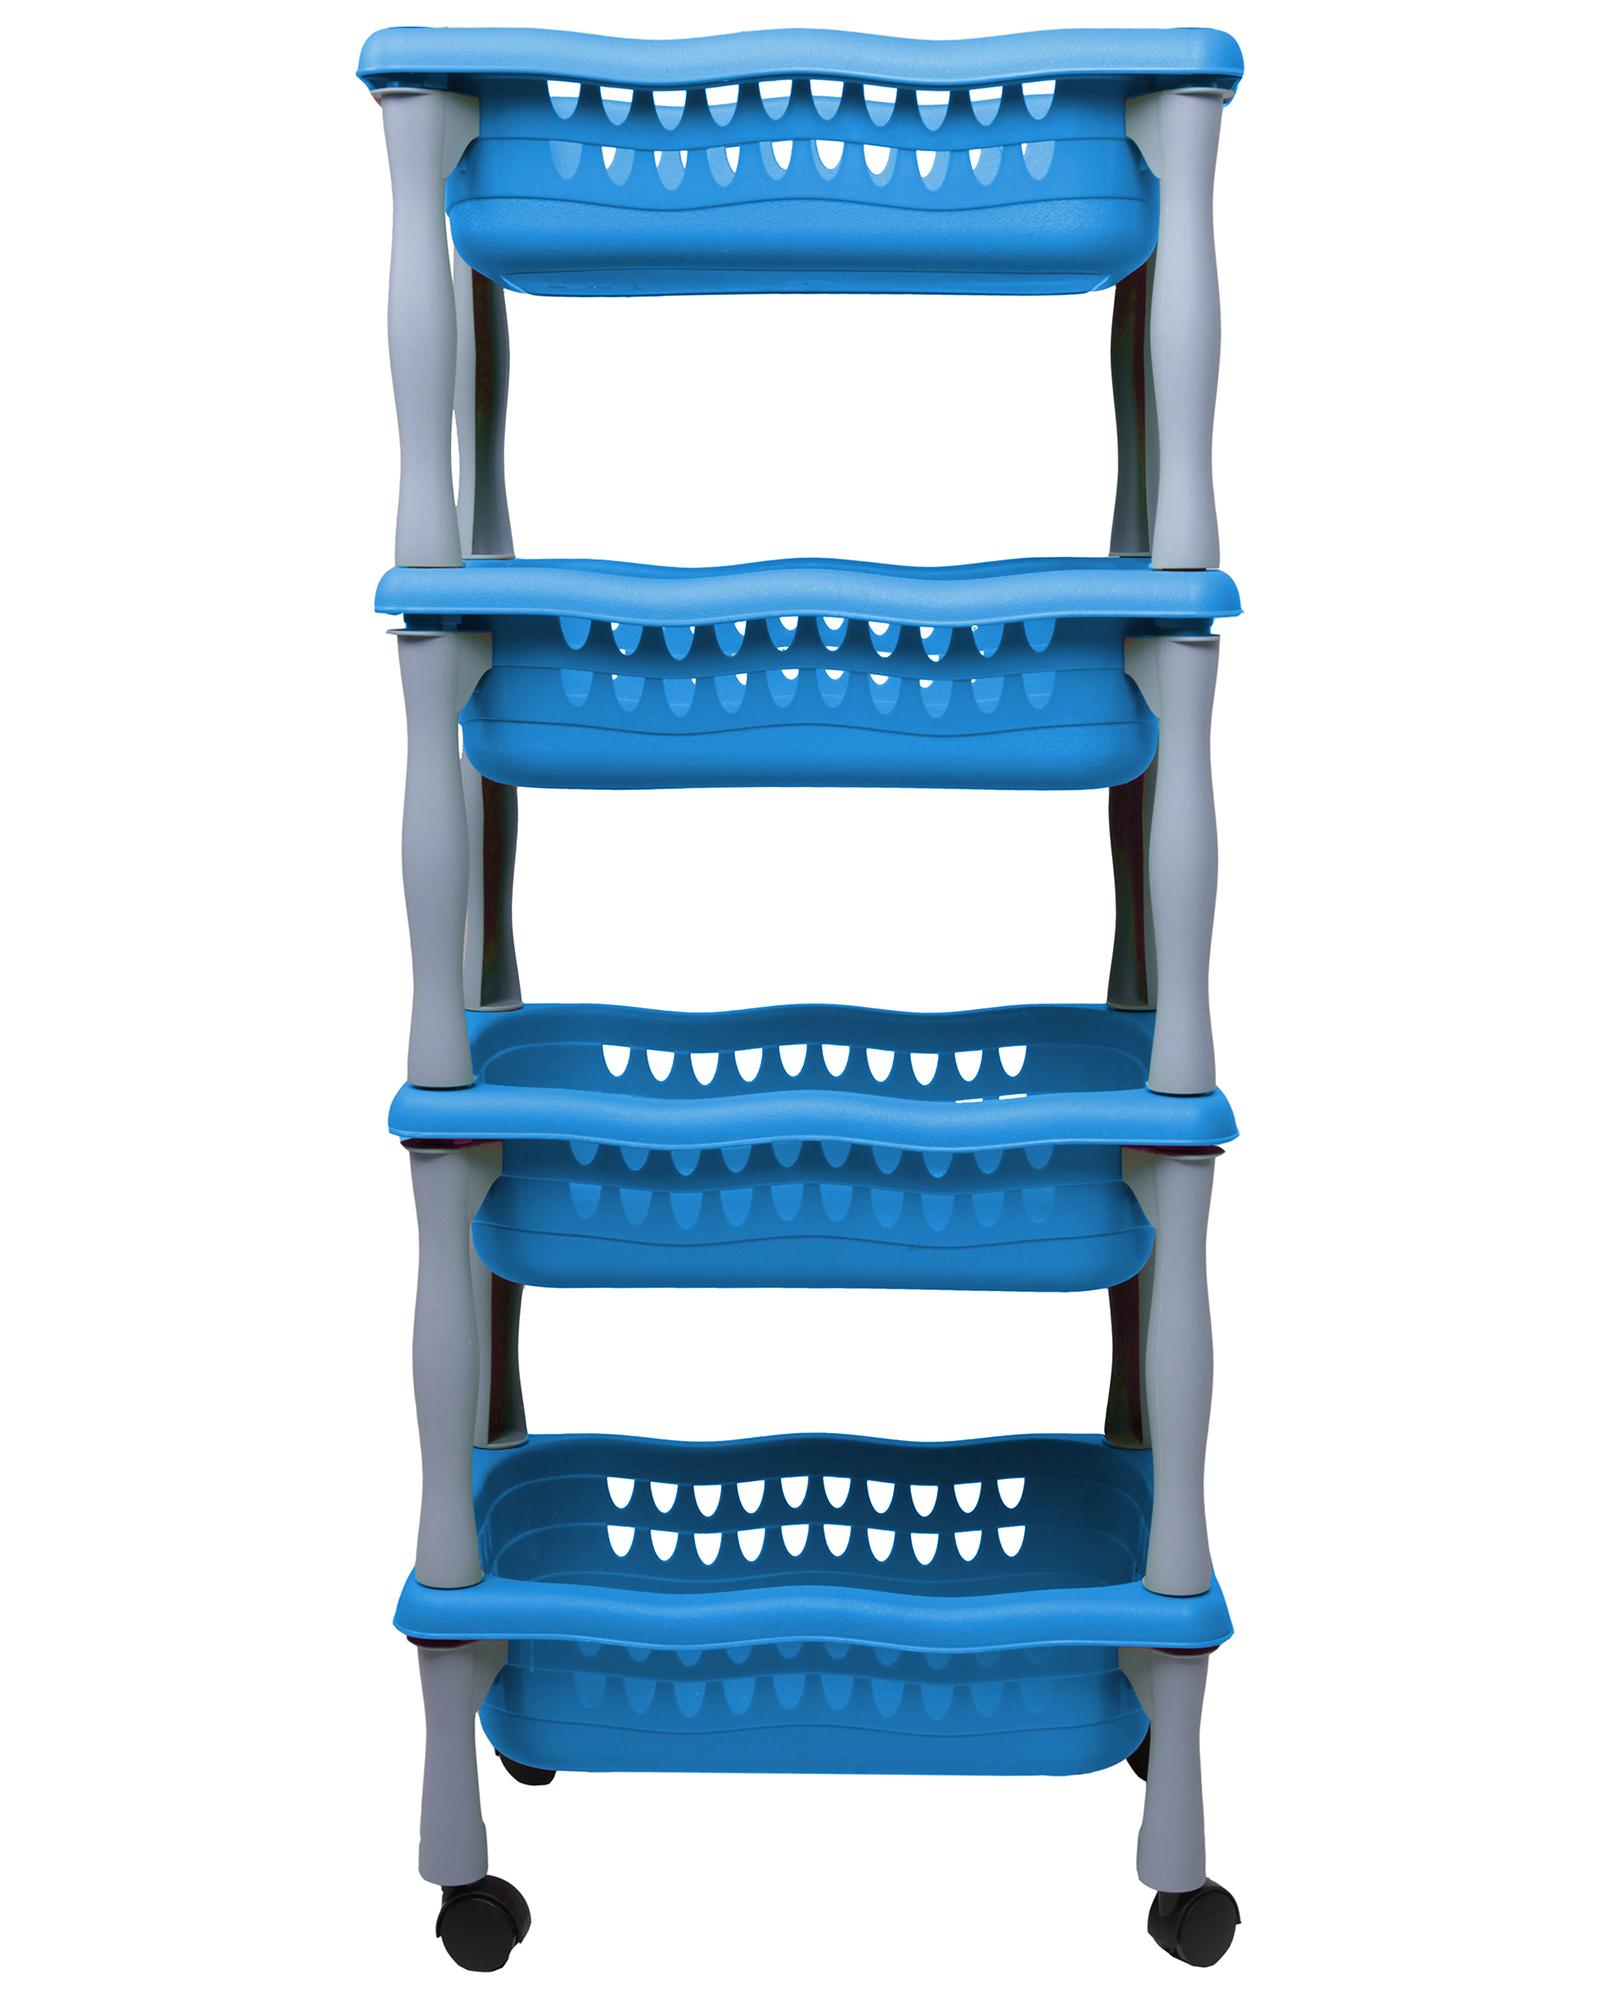 rollwagen korbwagen schreibtischwagen beistellwagen badwagen beng blau neu ebay. Black Bedroom Furniture Sets. Home Design Ideas